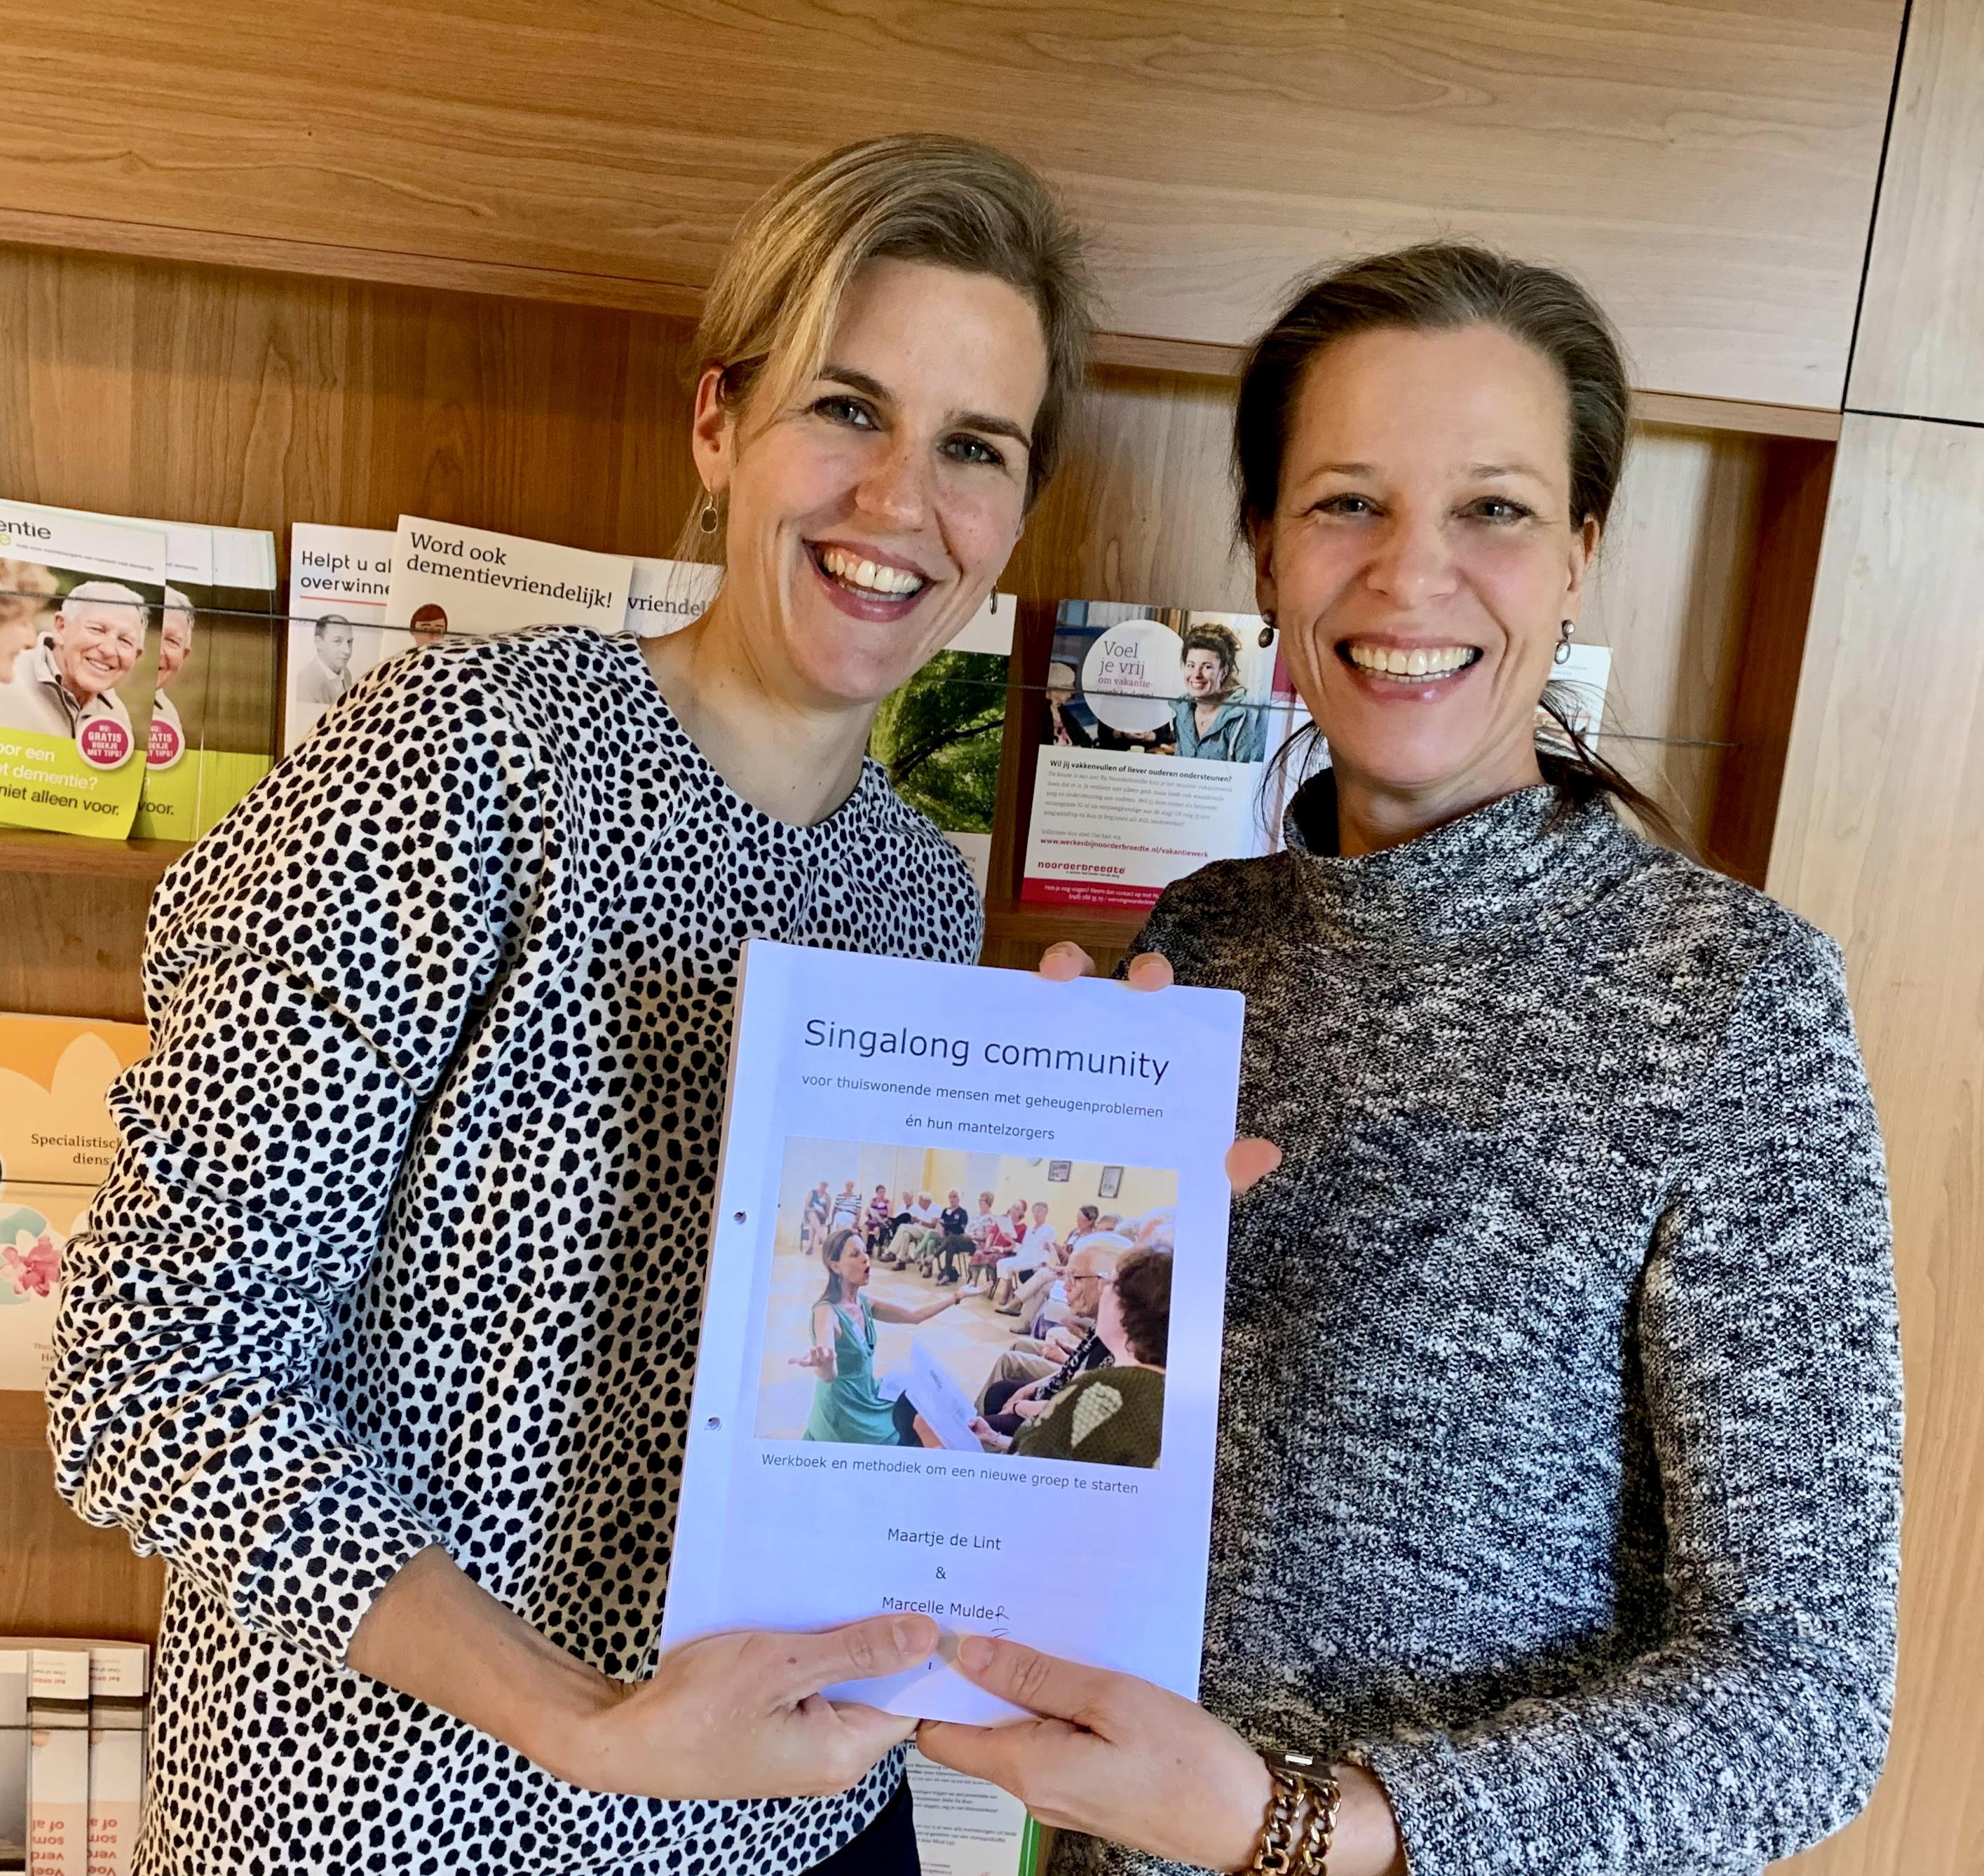 Foto Jacobien Oosterloo en Maartje de Lint